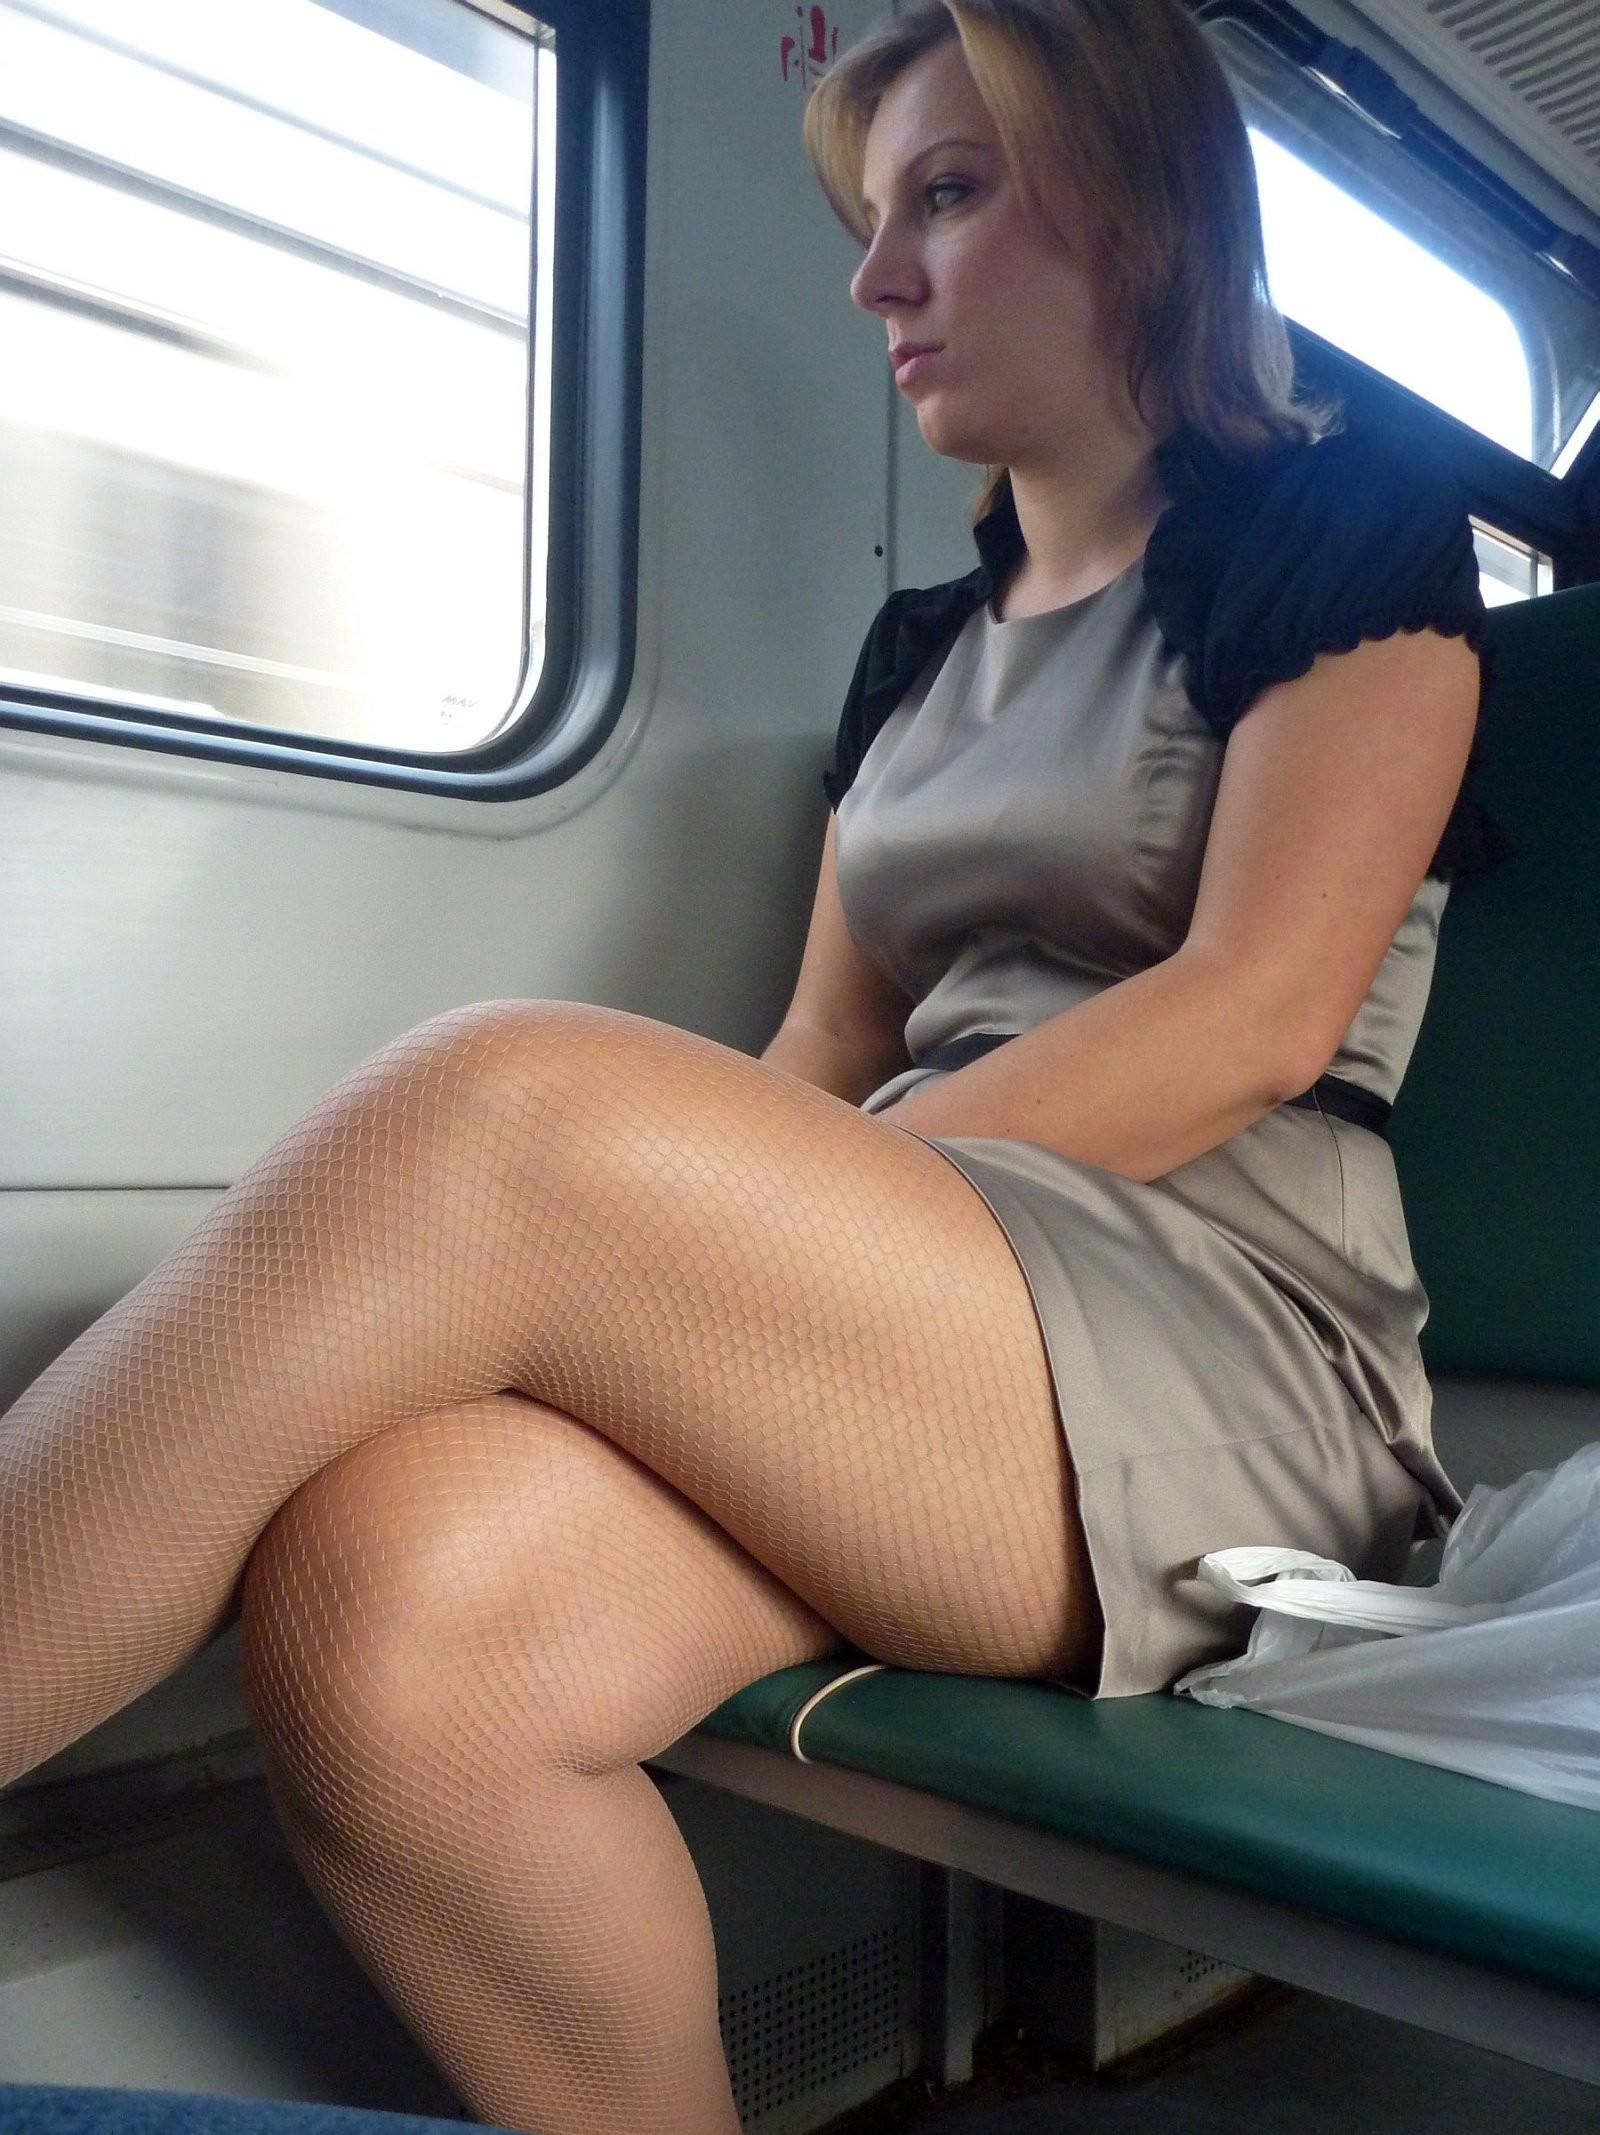 poglazhivanie-v-transporte-porno